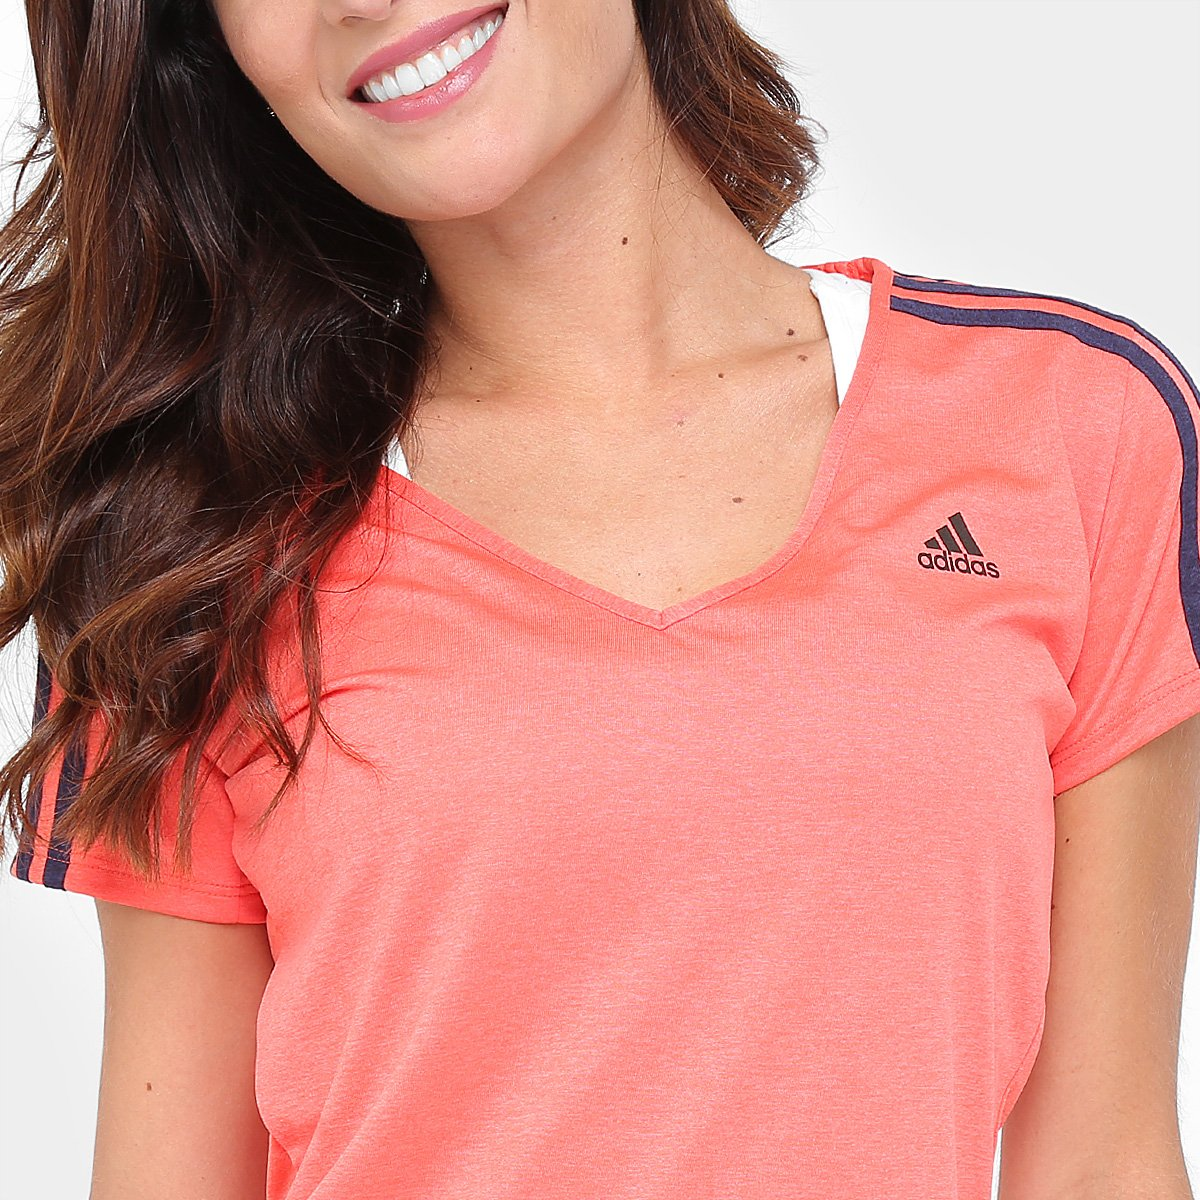 Adidas Feminina Coral 3S Essential Camiseta Essential Camiseta Adidas 3S Feminina q6tZ4p